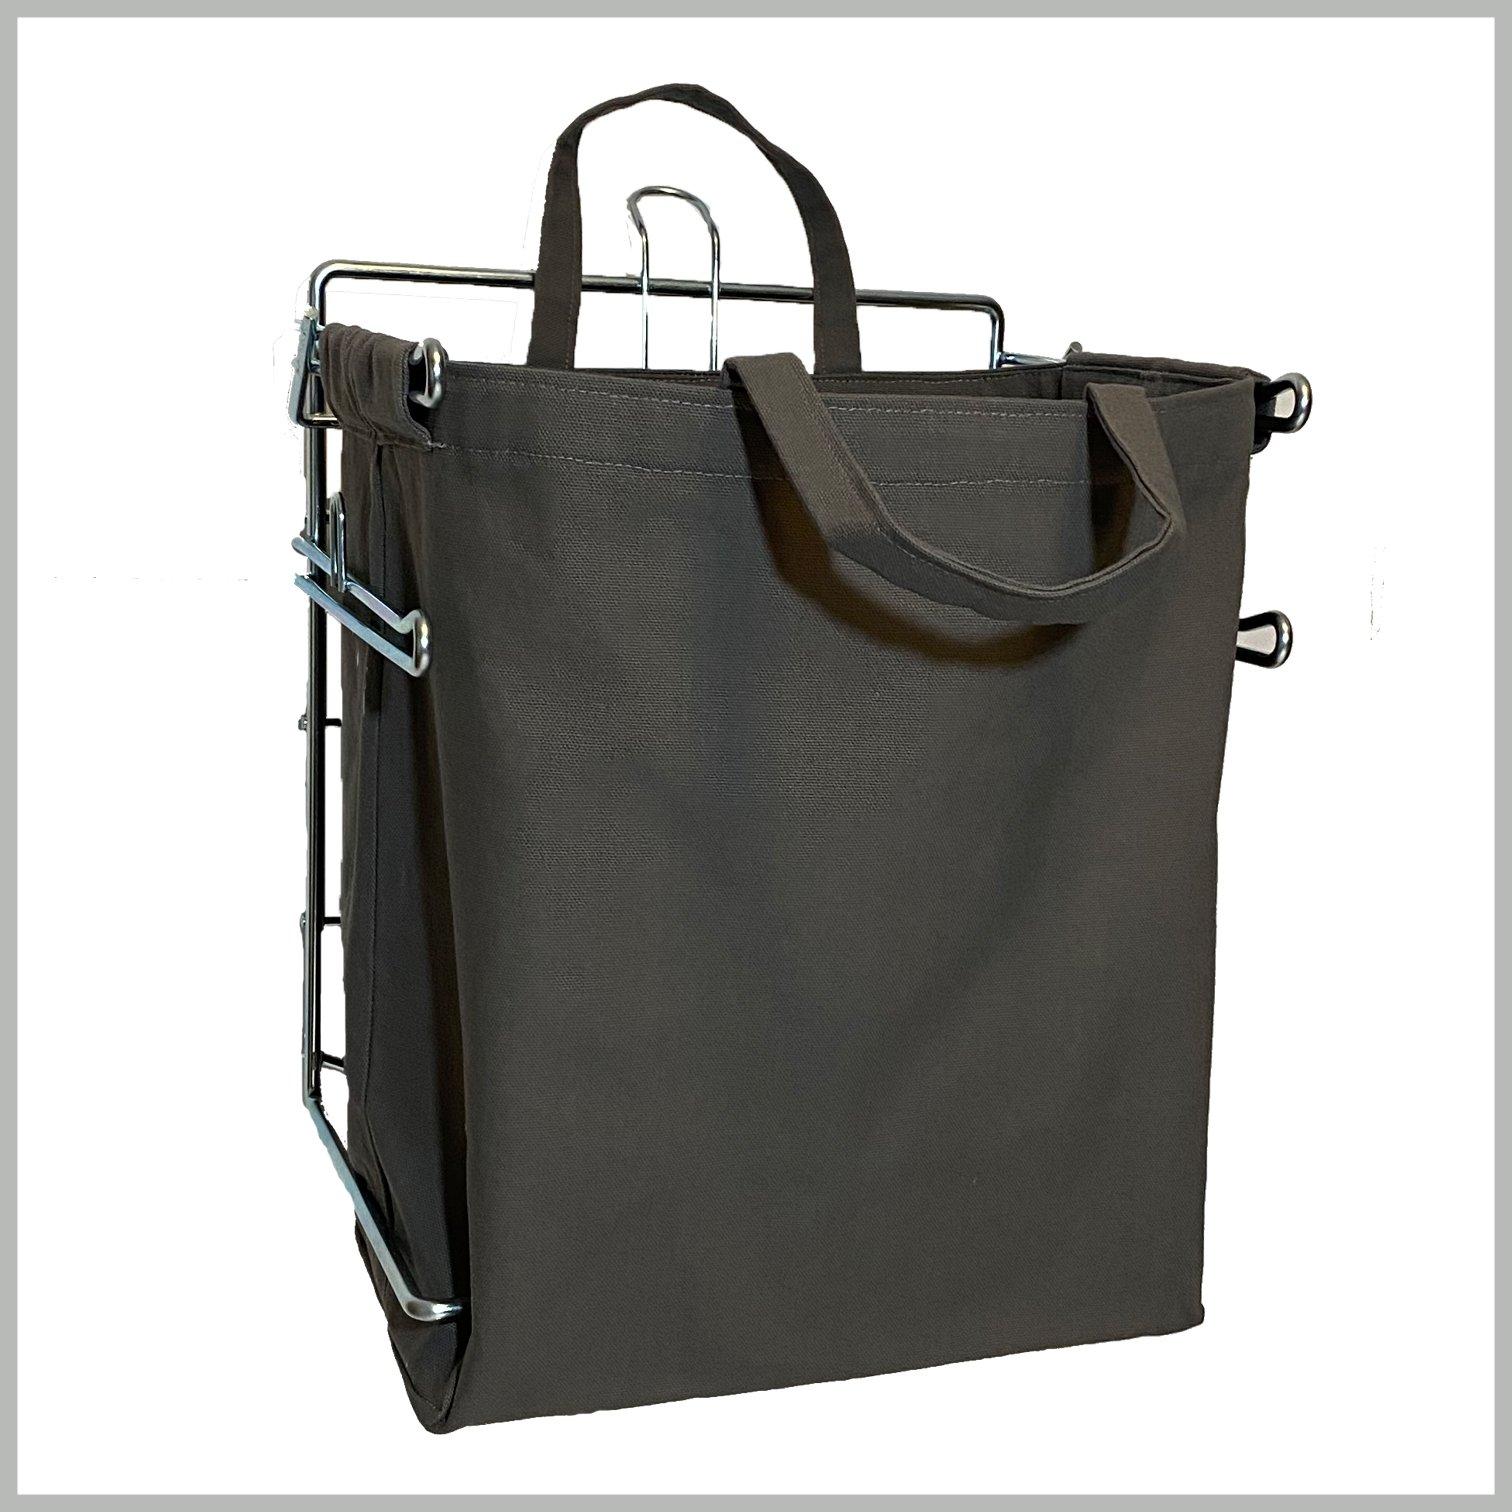 GrayTote-easybag